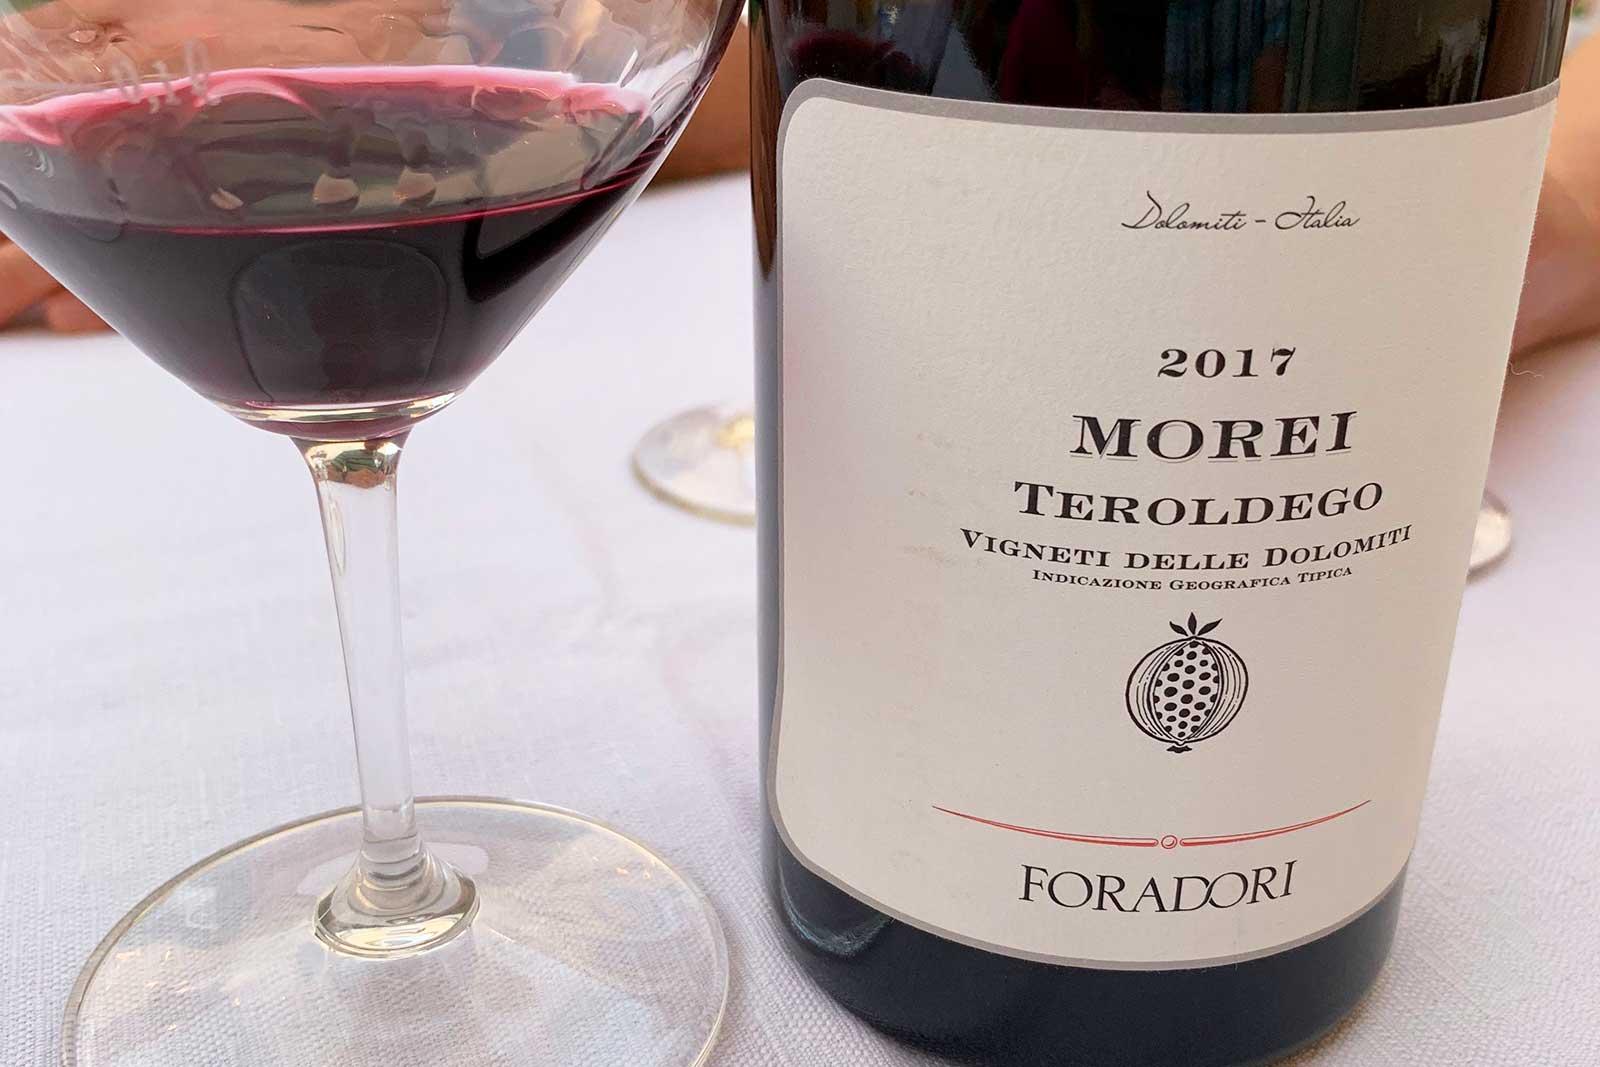 2017 Foradori Morei Teroldego ©Kevin Day/Opening a Bottle